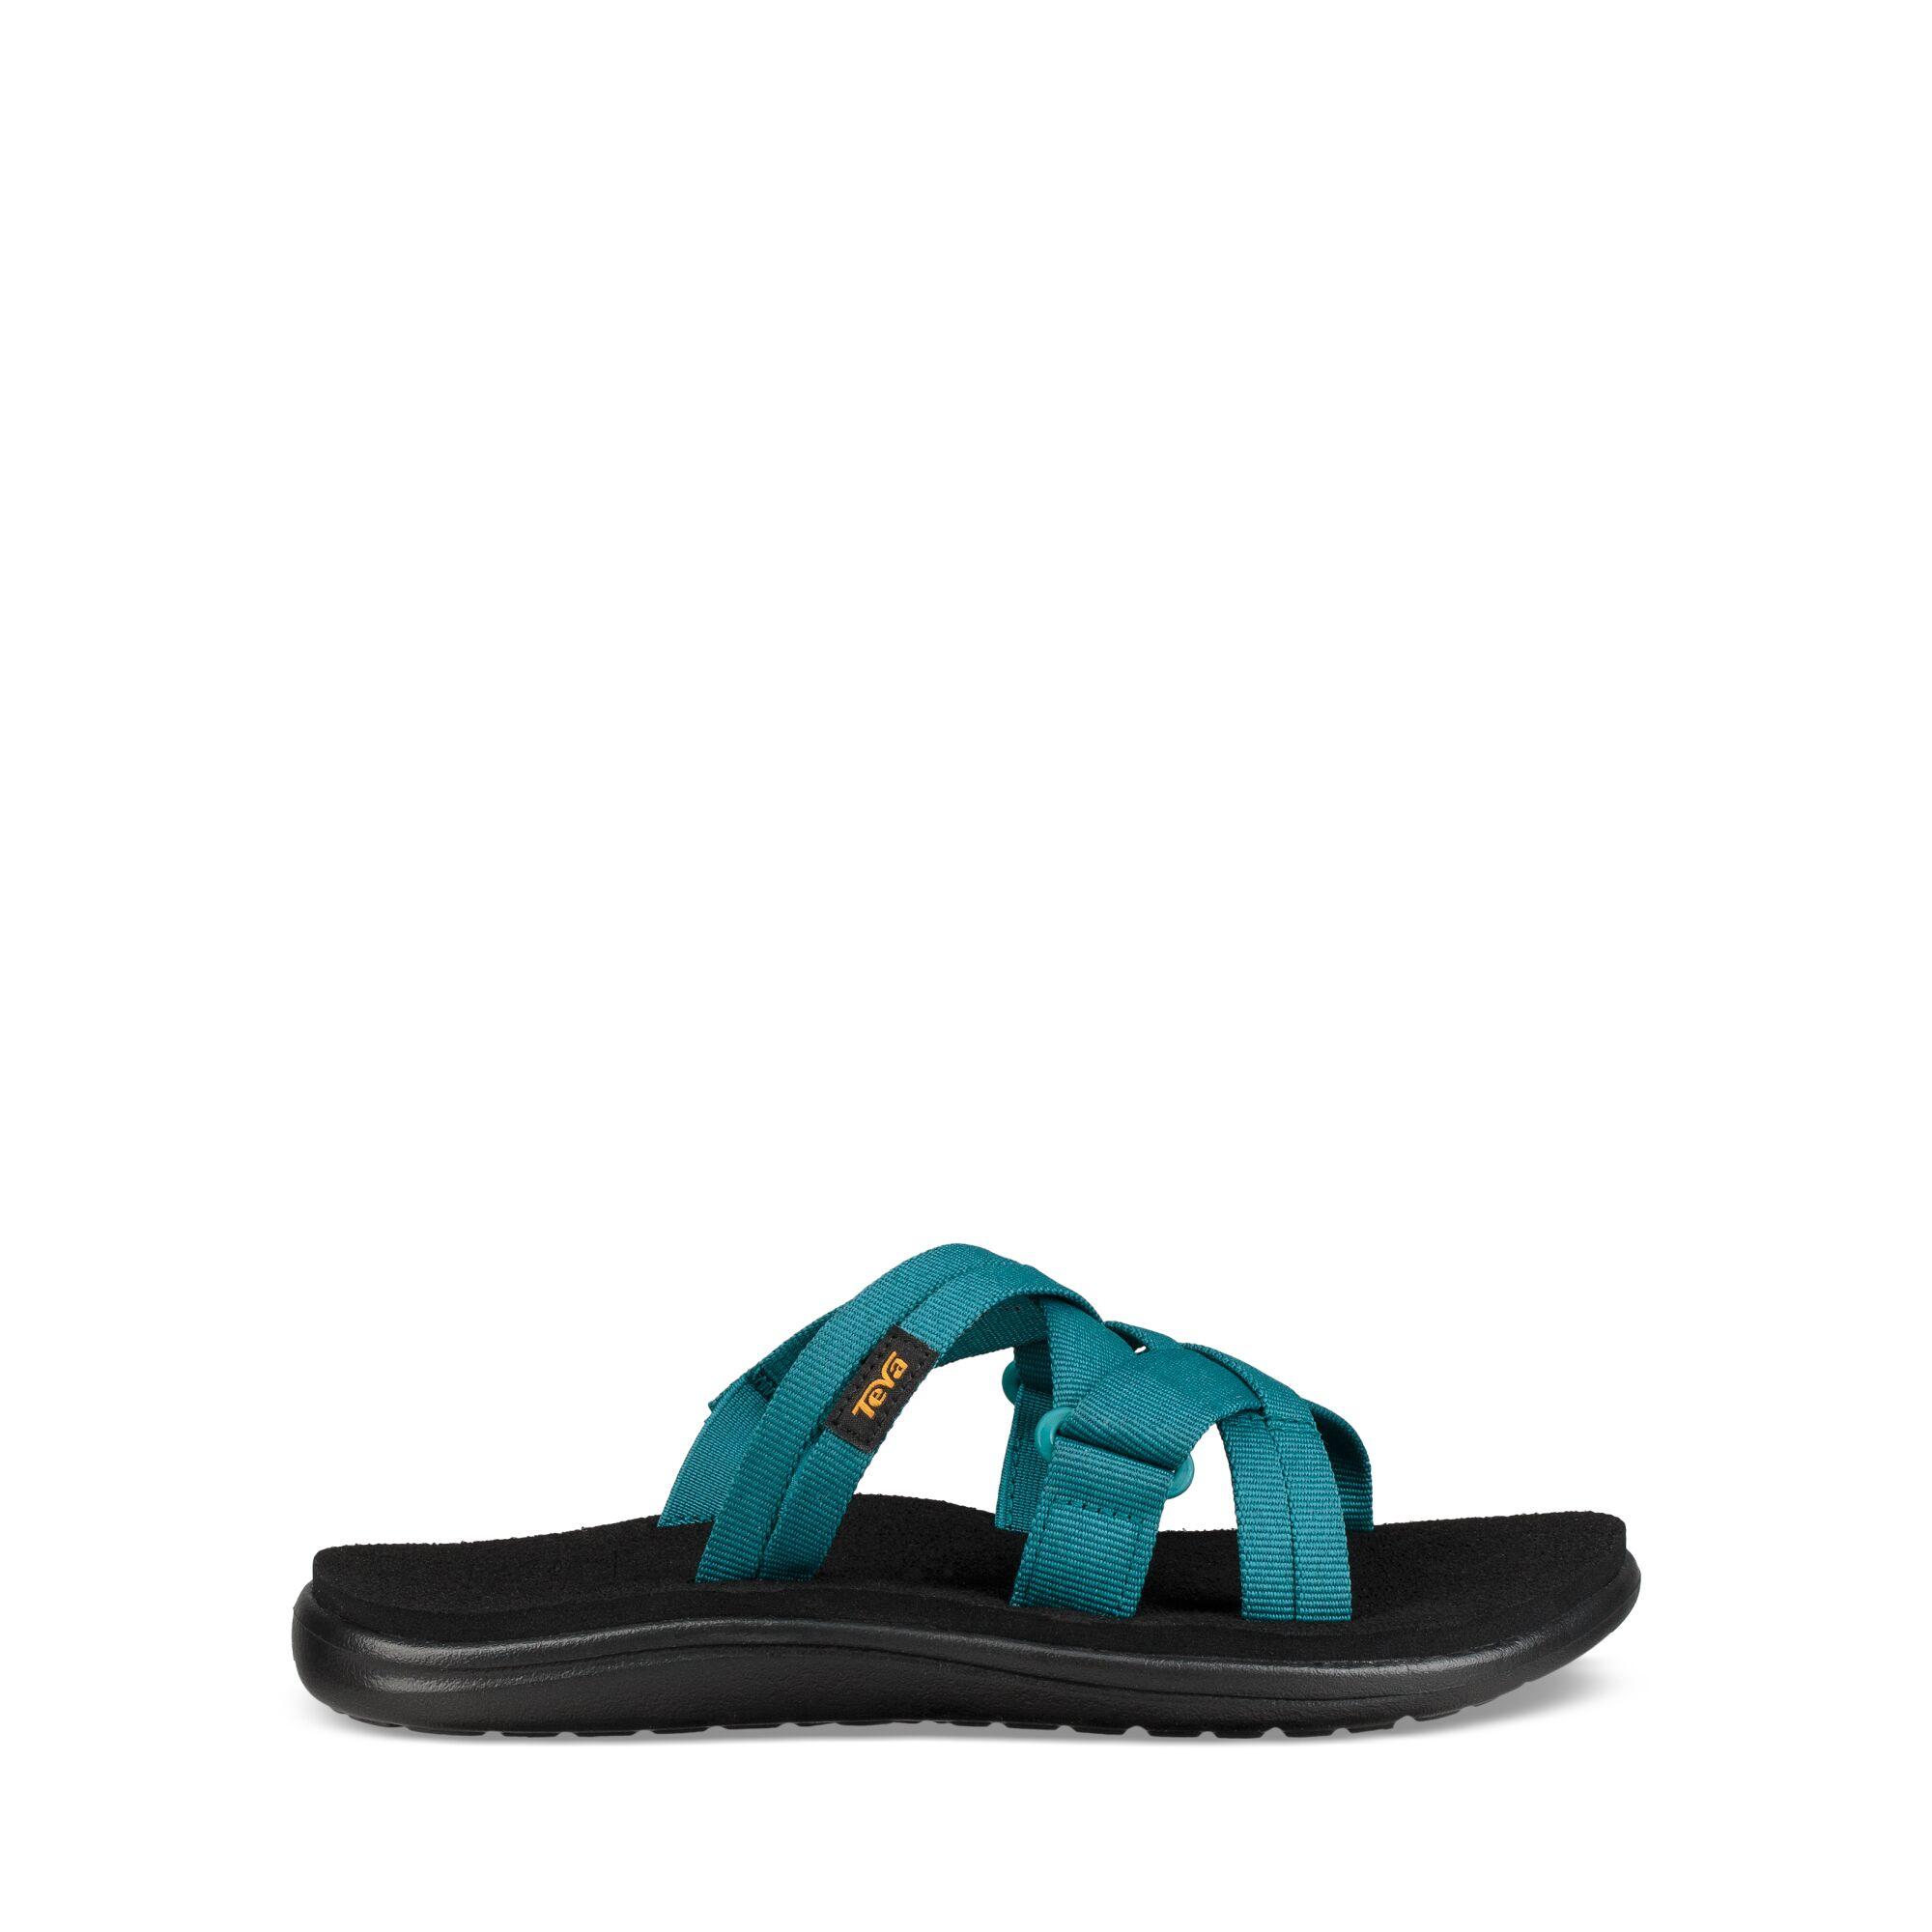 Teva W Voya Slide - Sandal til dame - Blå | Running shoes